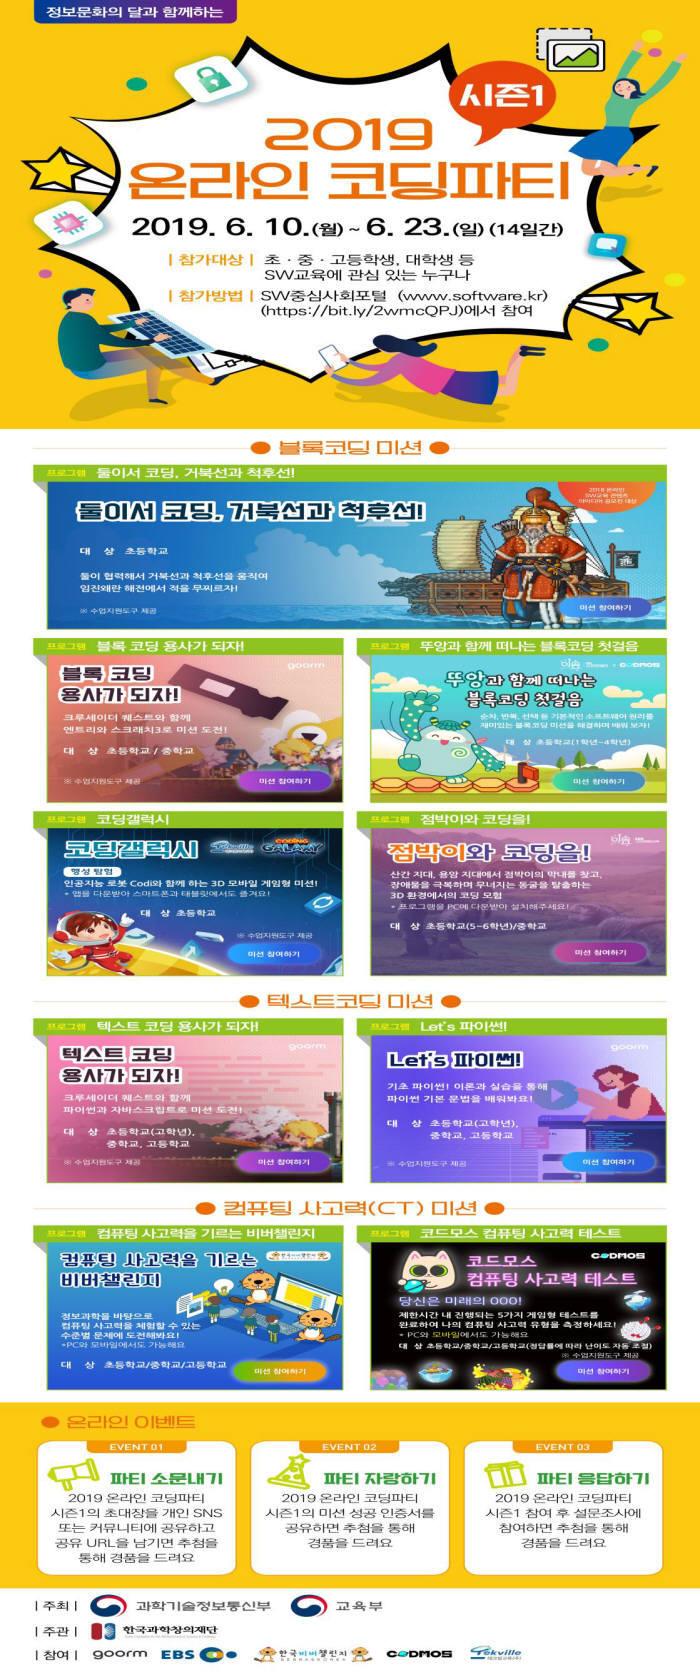 23일까지 온라인 '코딩' 파티 타임!